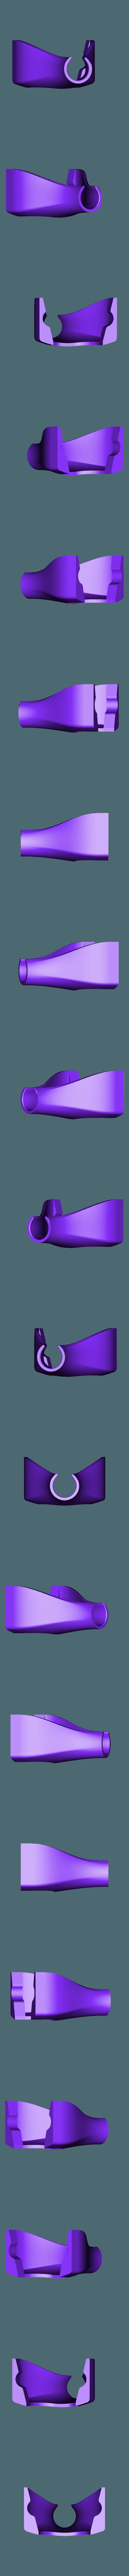 Extruder_Cable_Support_v1-4.STL Télécharger fichier STL gratuit Décharge de traction du câble de l'extrudeuse (RigidBot) • Plan imprimable en 3D, WalterHsiao